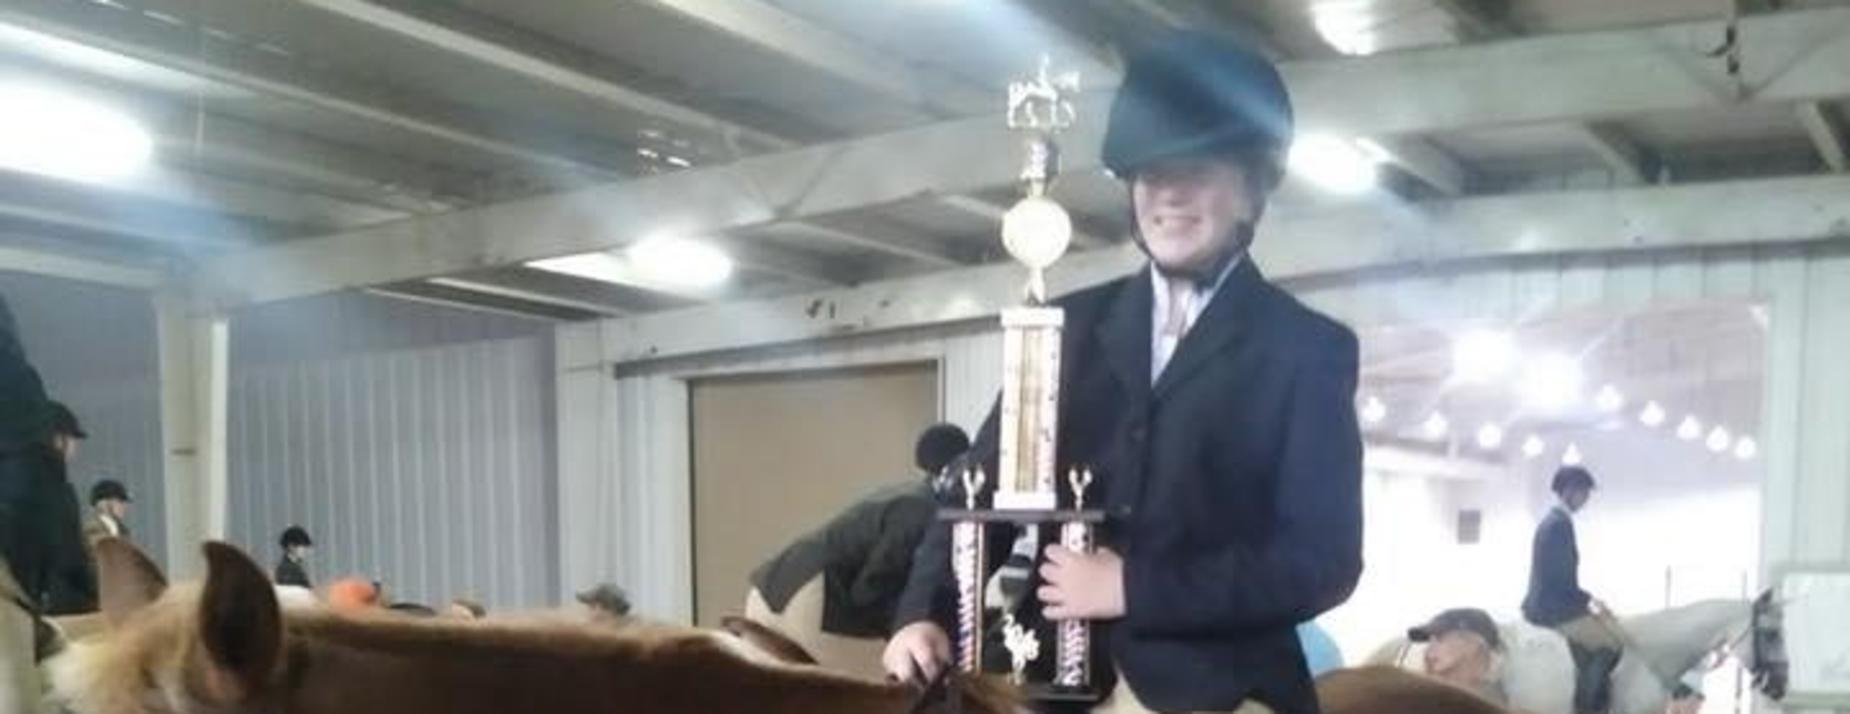 FFA State Horse Show